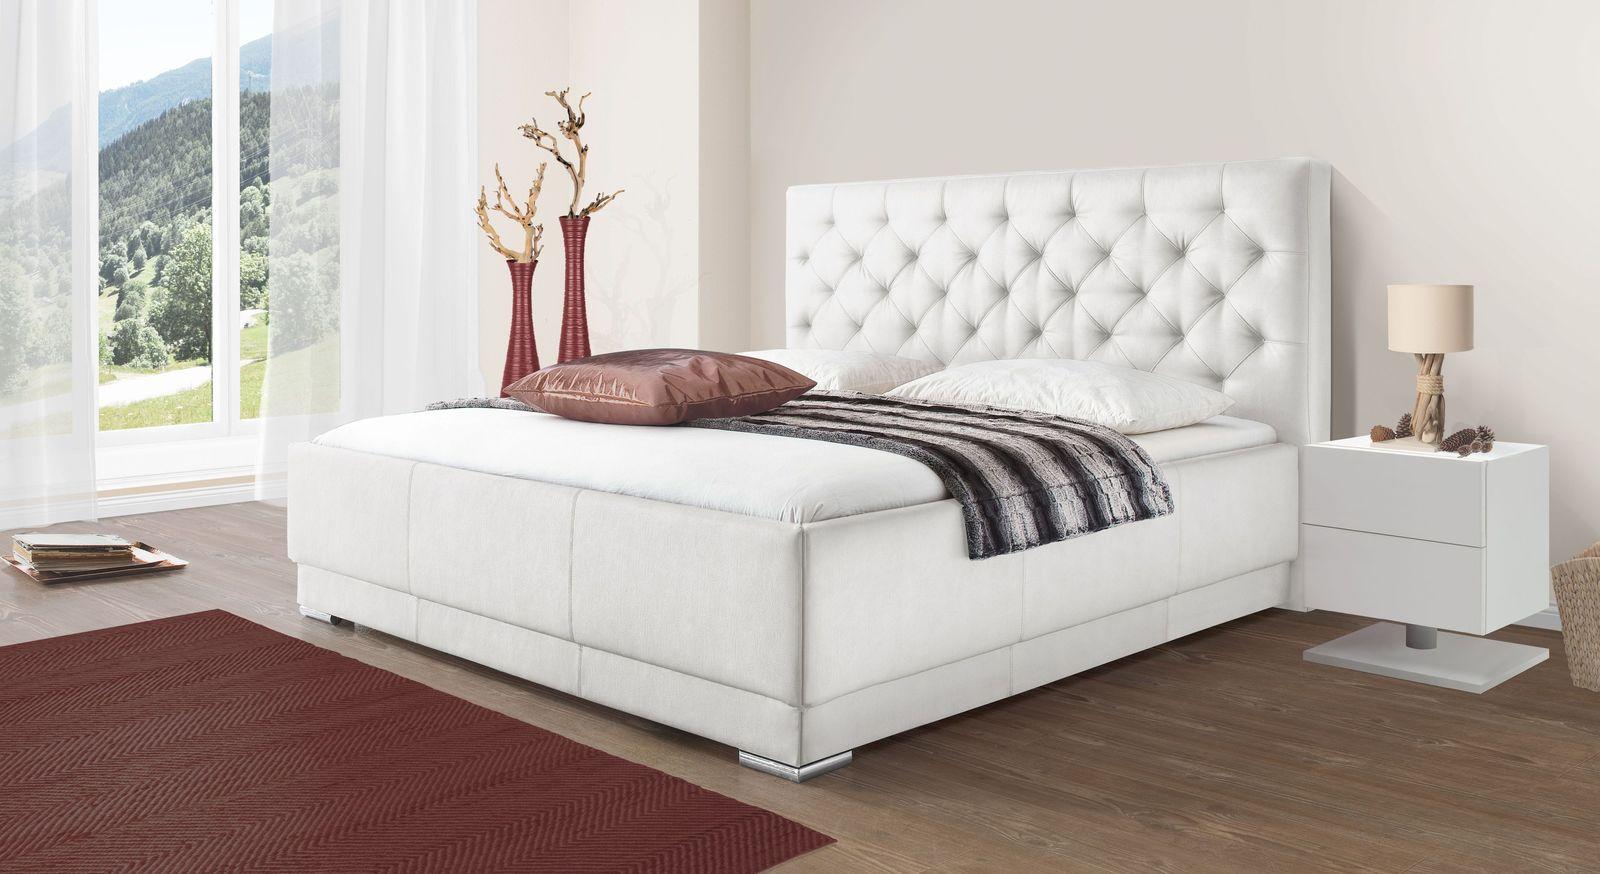 Bett Castletown mit weißem Kunstlederbezug